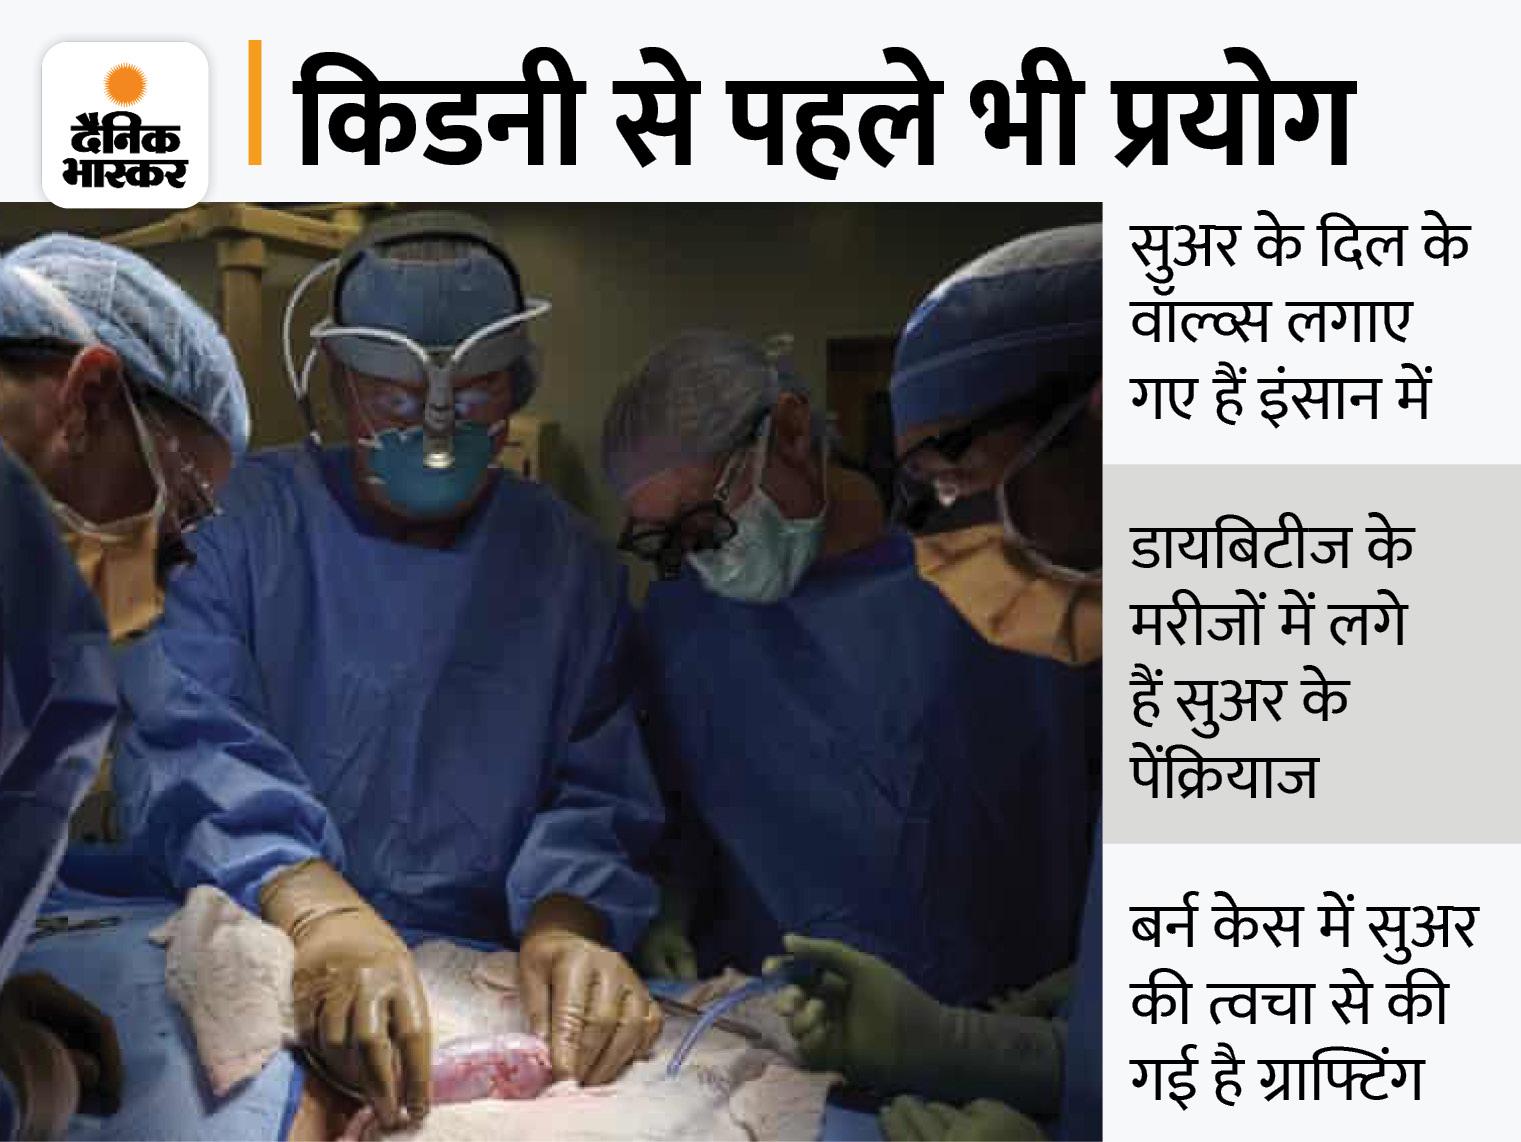 ब्रेन डेड था मरीज, परिवार की अनुमति से डॉक्टरों ने किया सुअर की किडनी का सफल ट्रांसप्लांट विदेश,International - Dainik Bhaskar